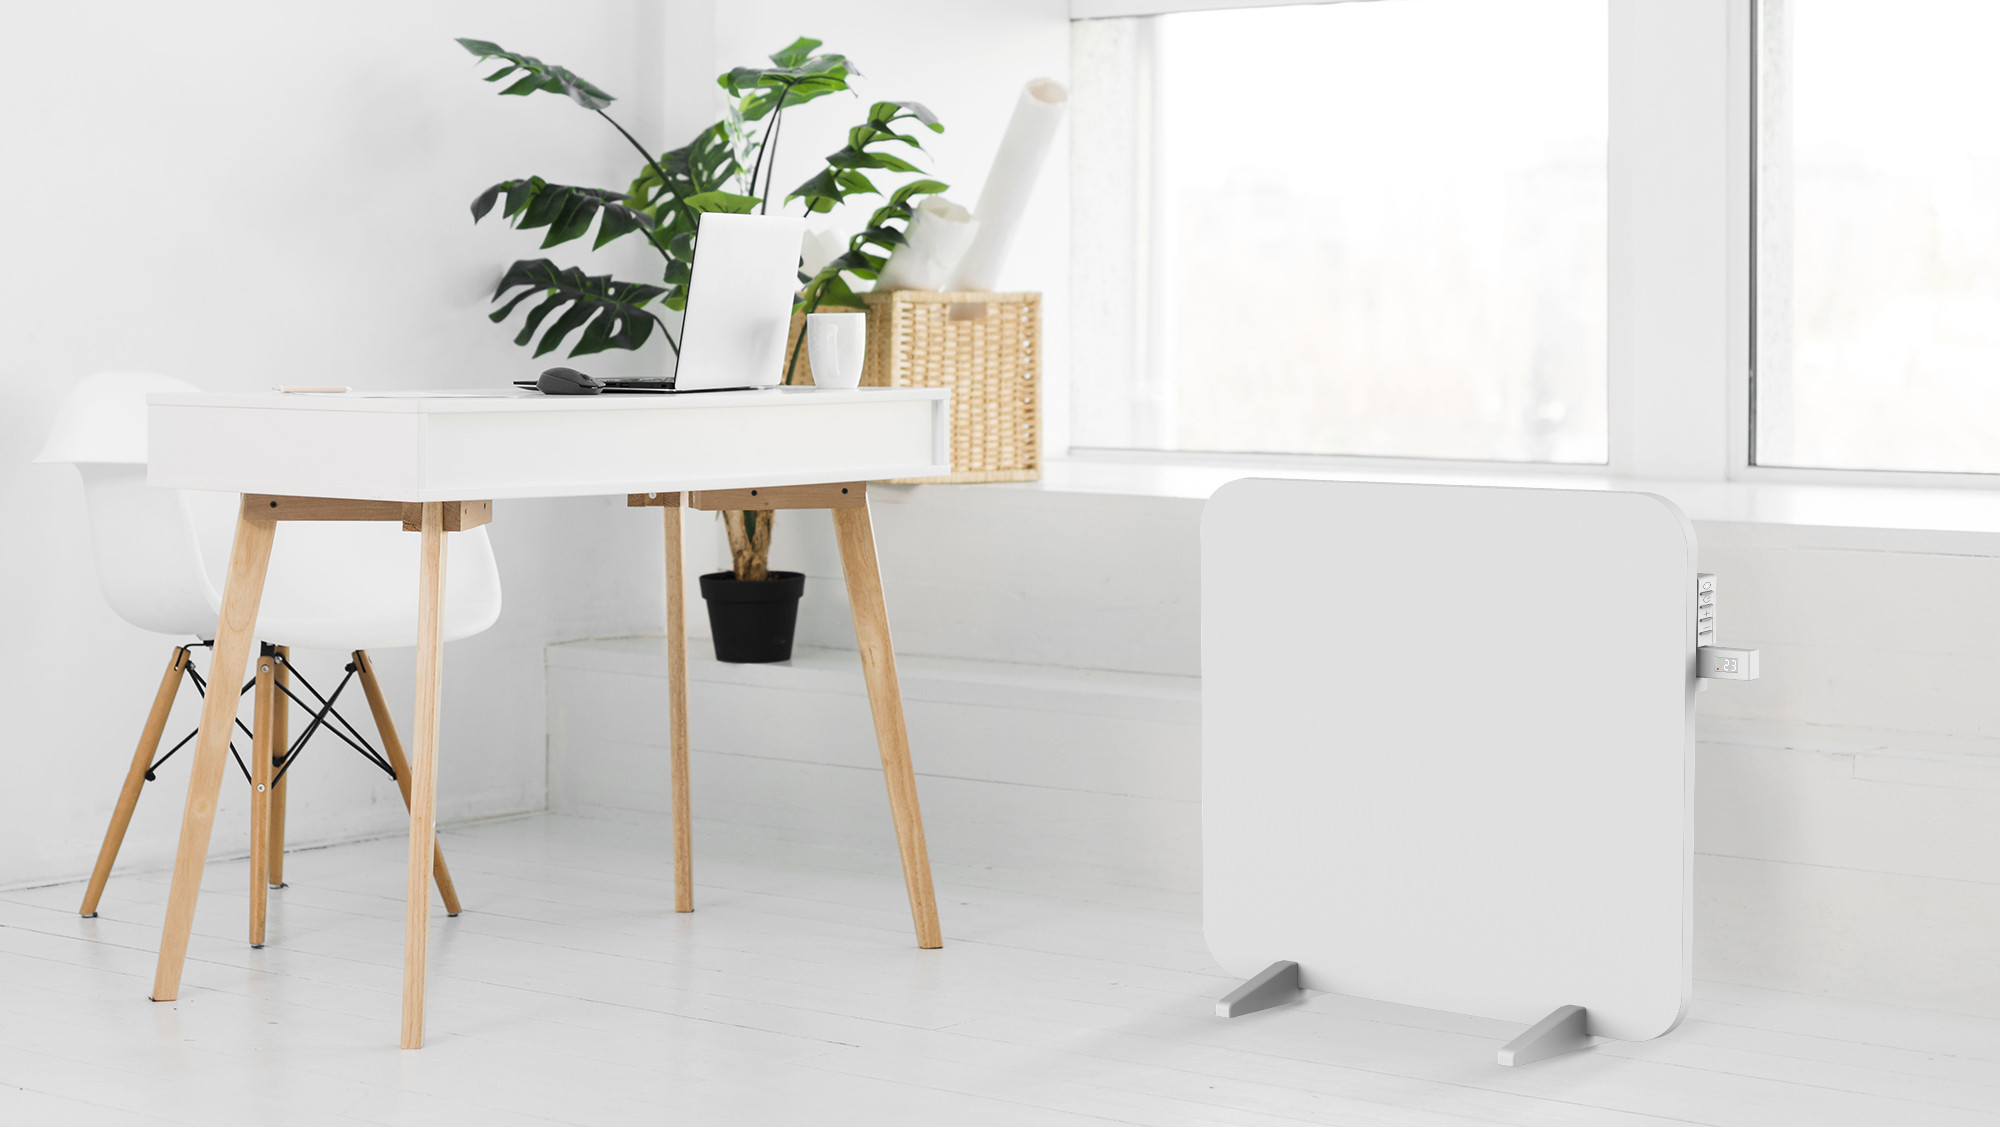 Promiennik podczerwieni Cronos Titanium stojący przy biurku w pokoju